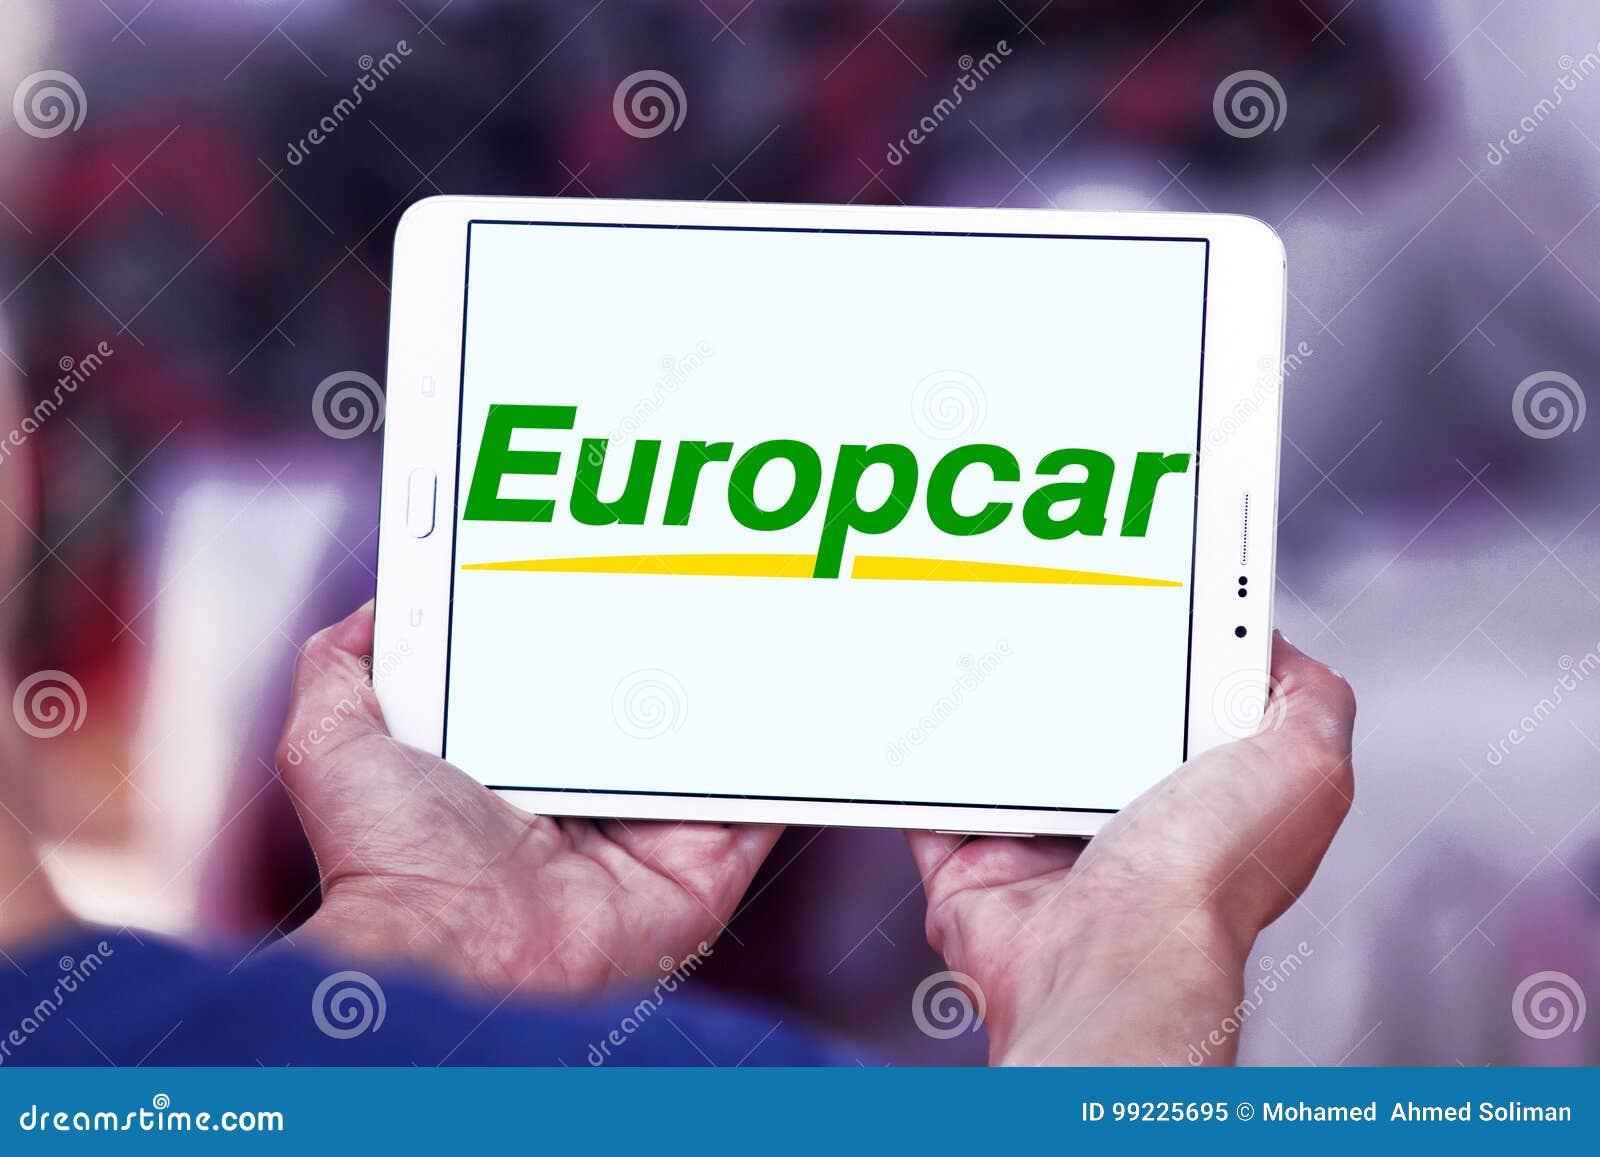 Europcar Car Rental Logo Editorial Image Image Of Europcar 99225695